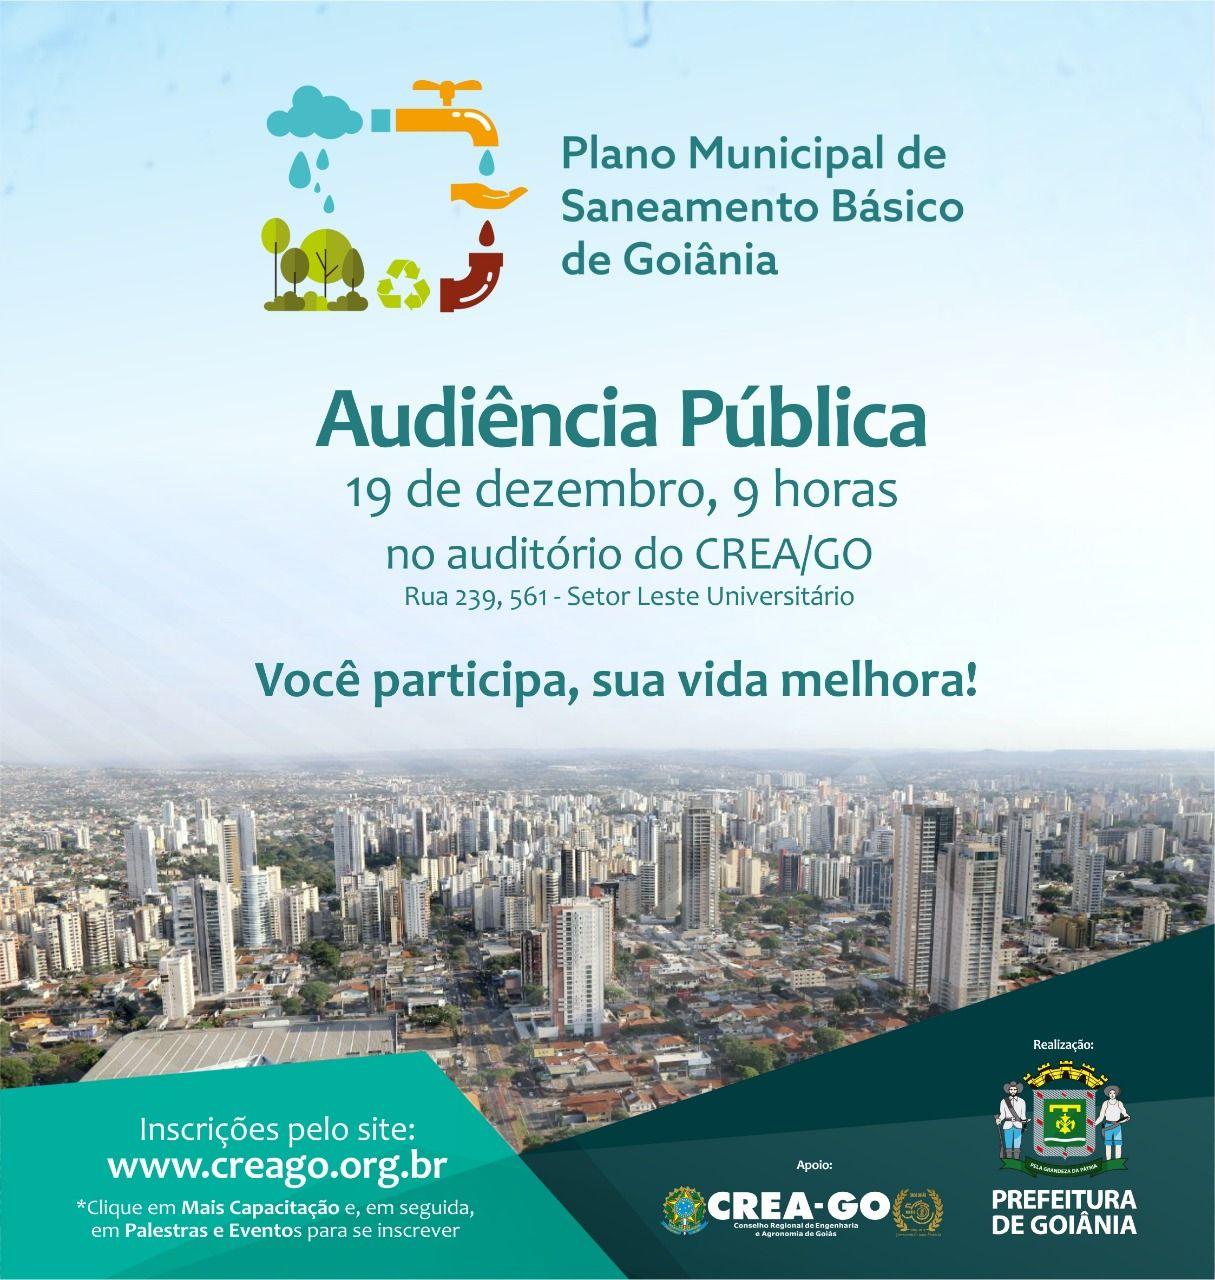 audi%C3%AAncia_publica